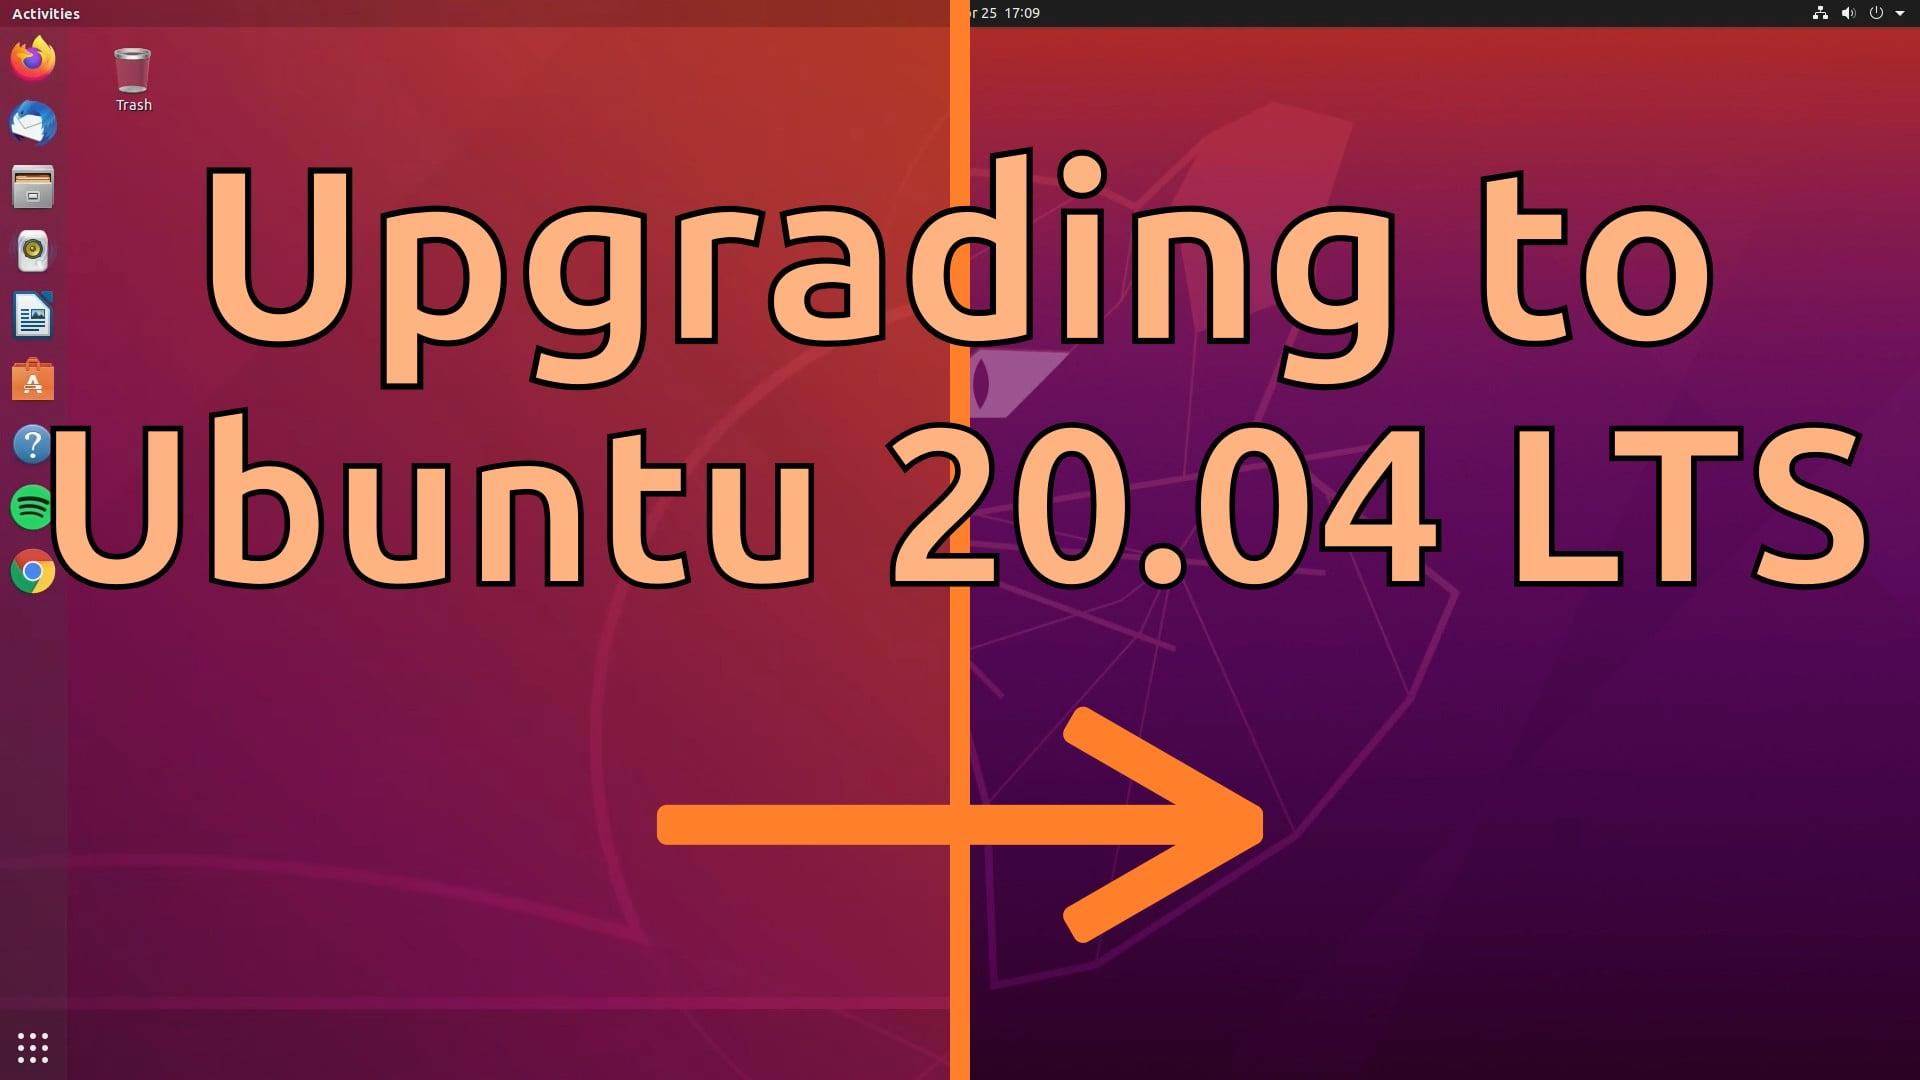 Upgrading to Ubuntu 20.04 LTS